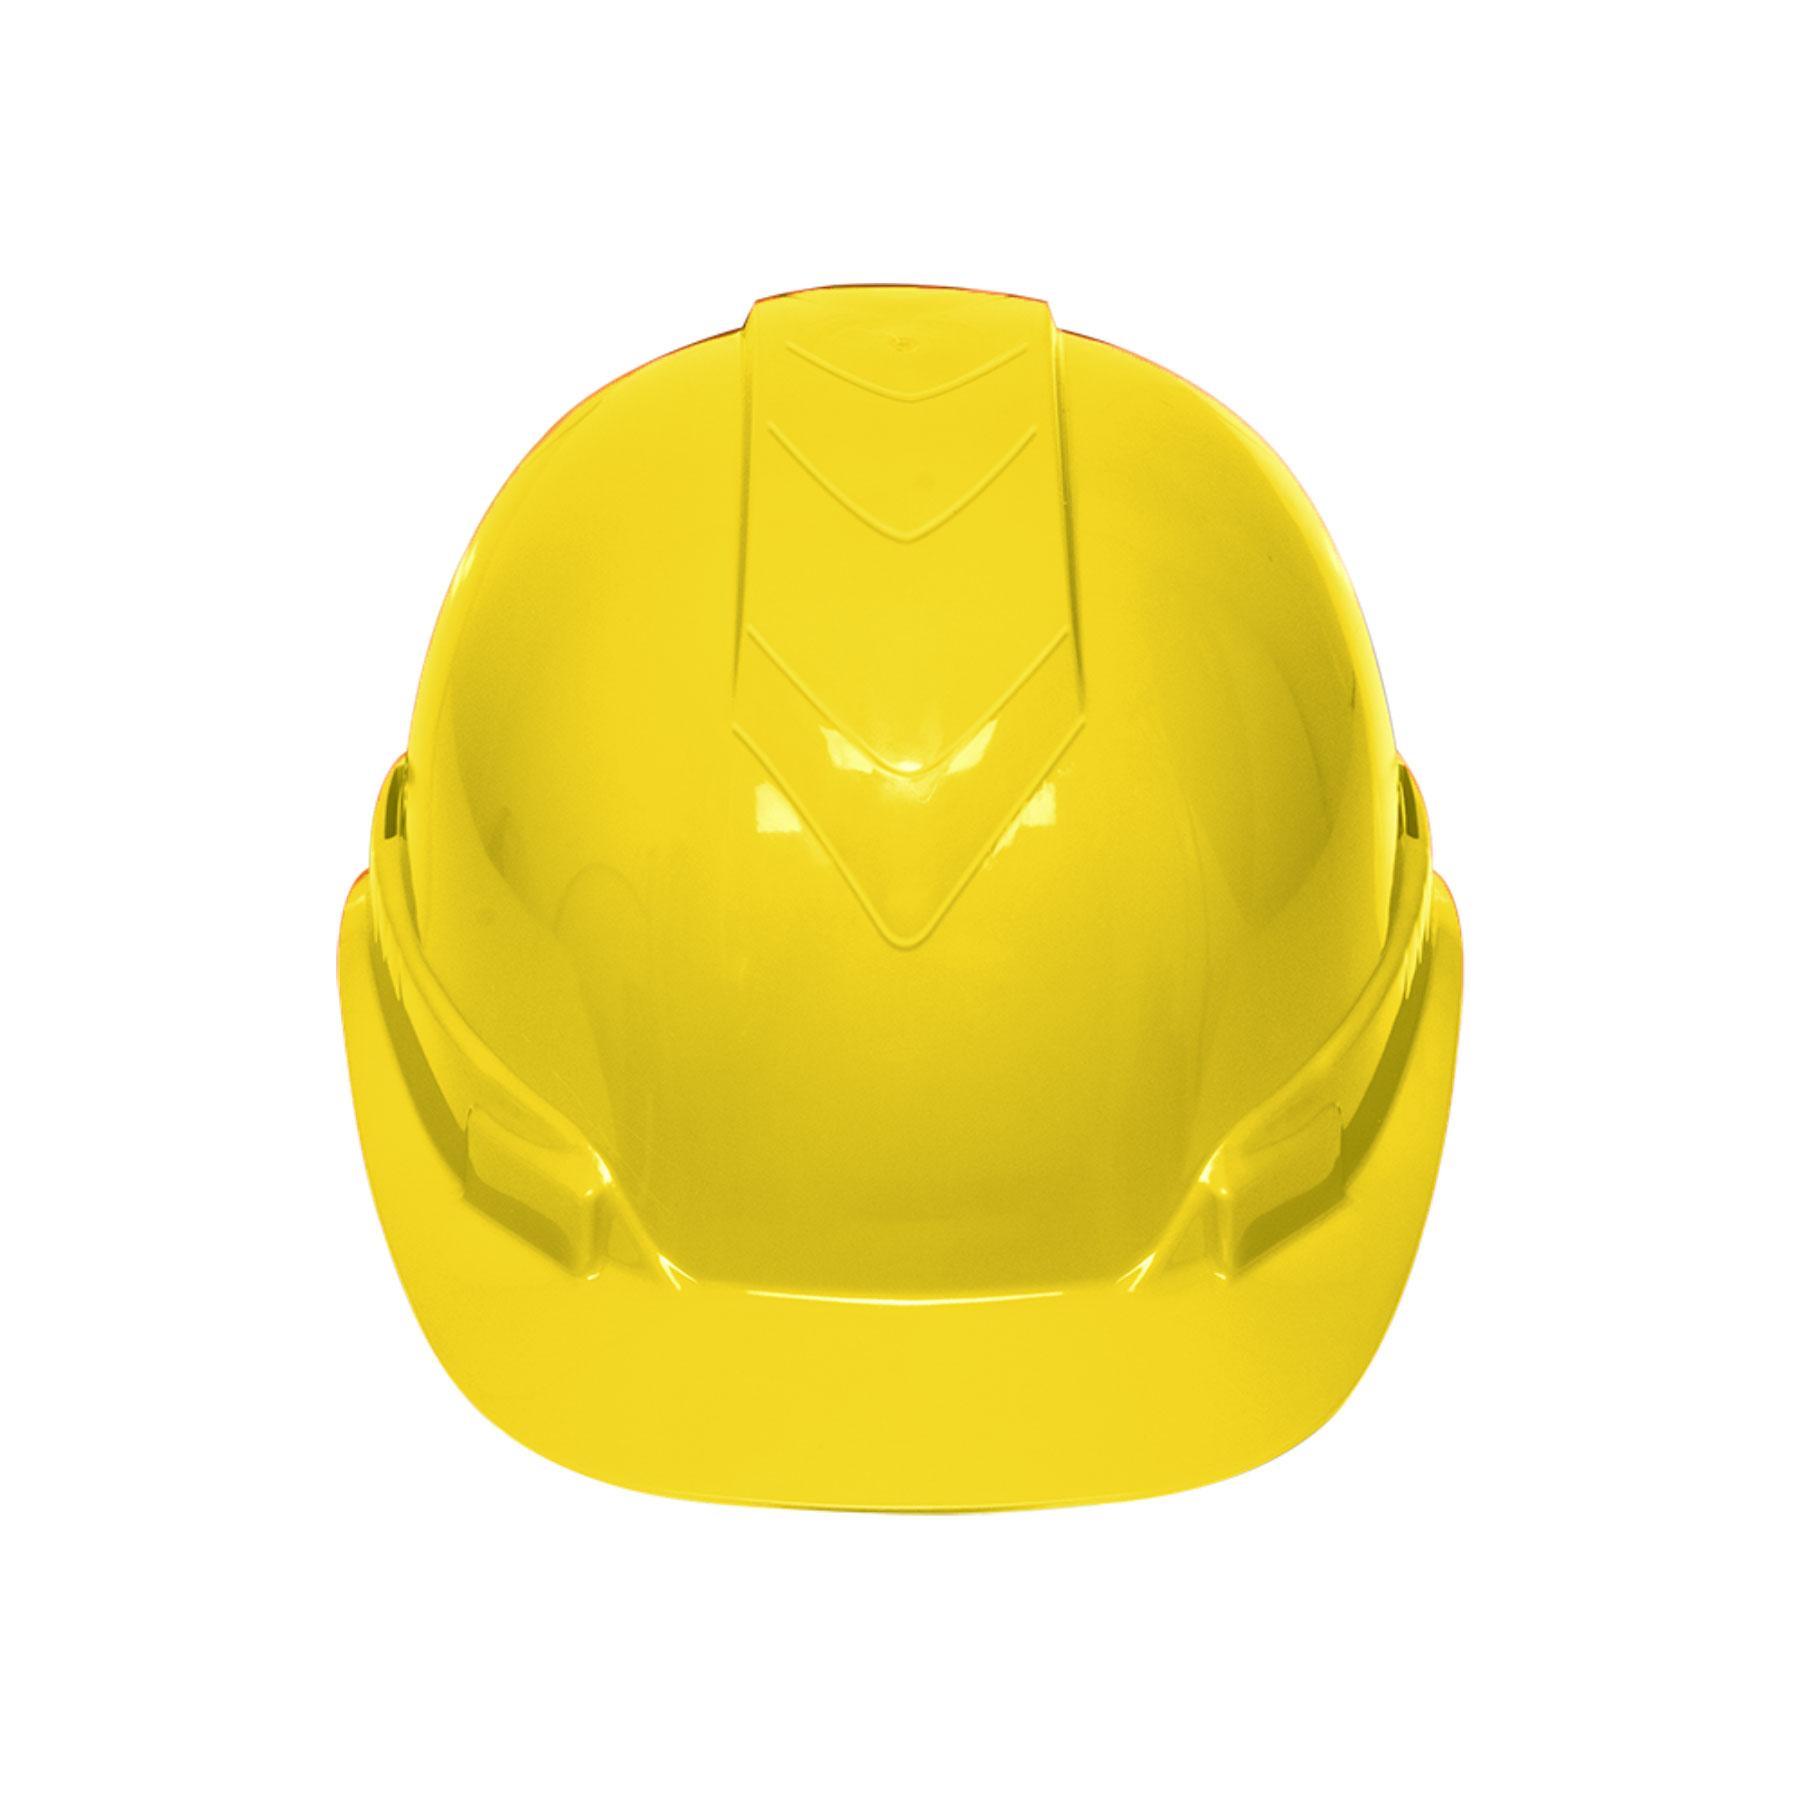 Casco de seguridad color amarillo